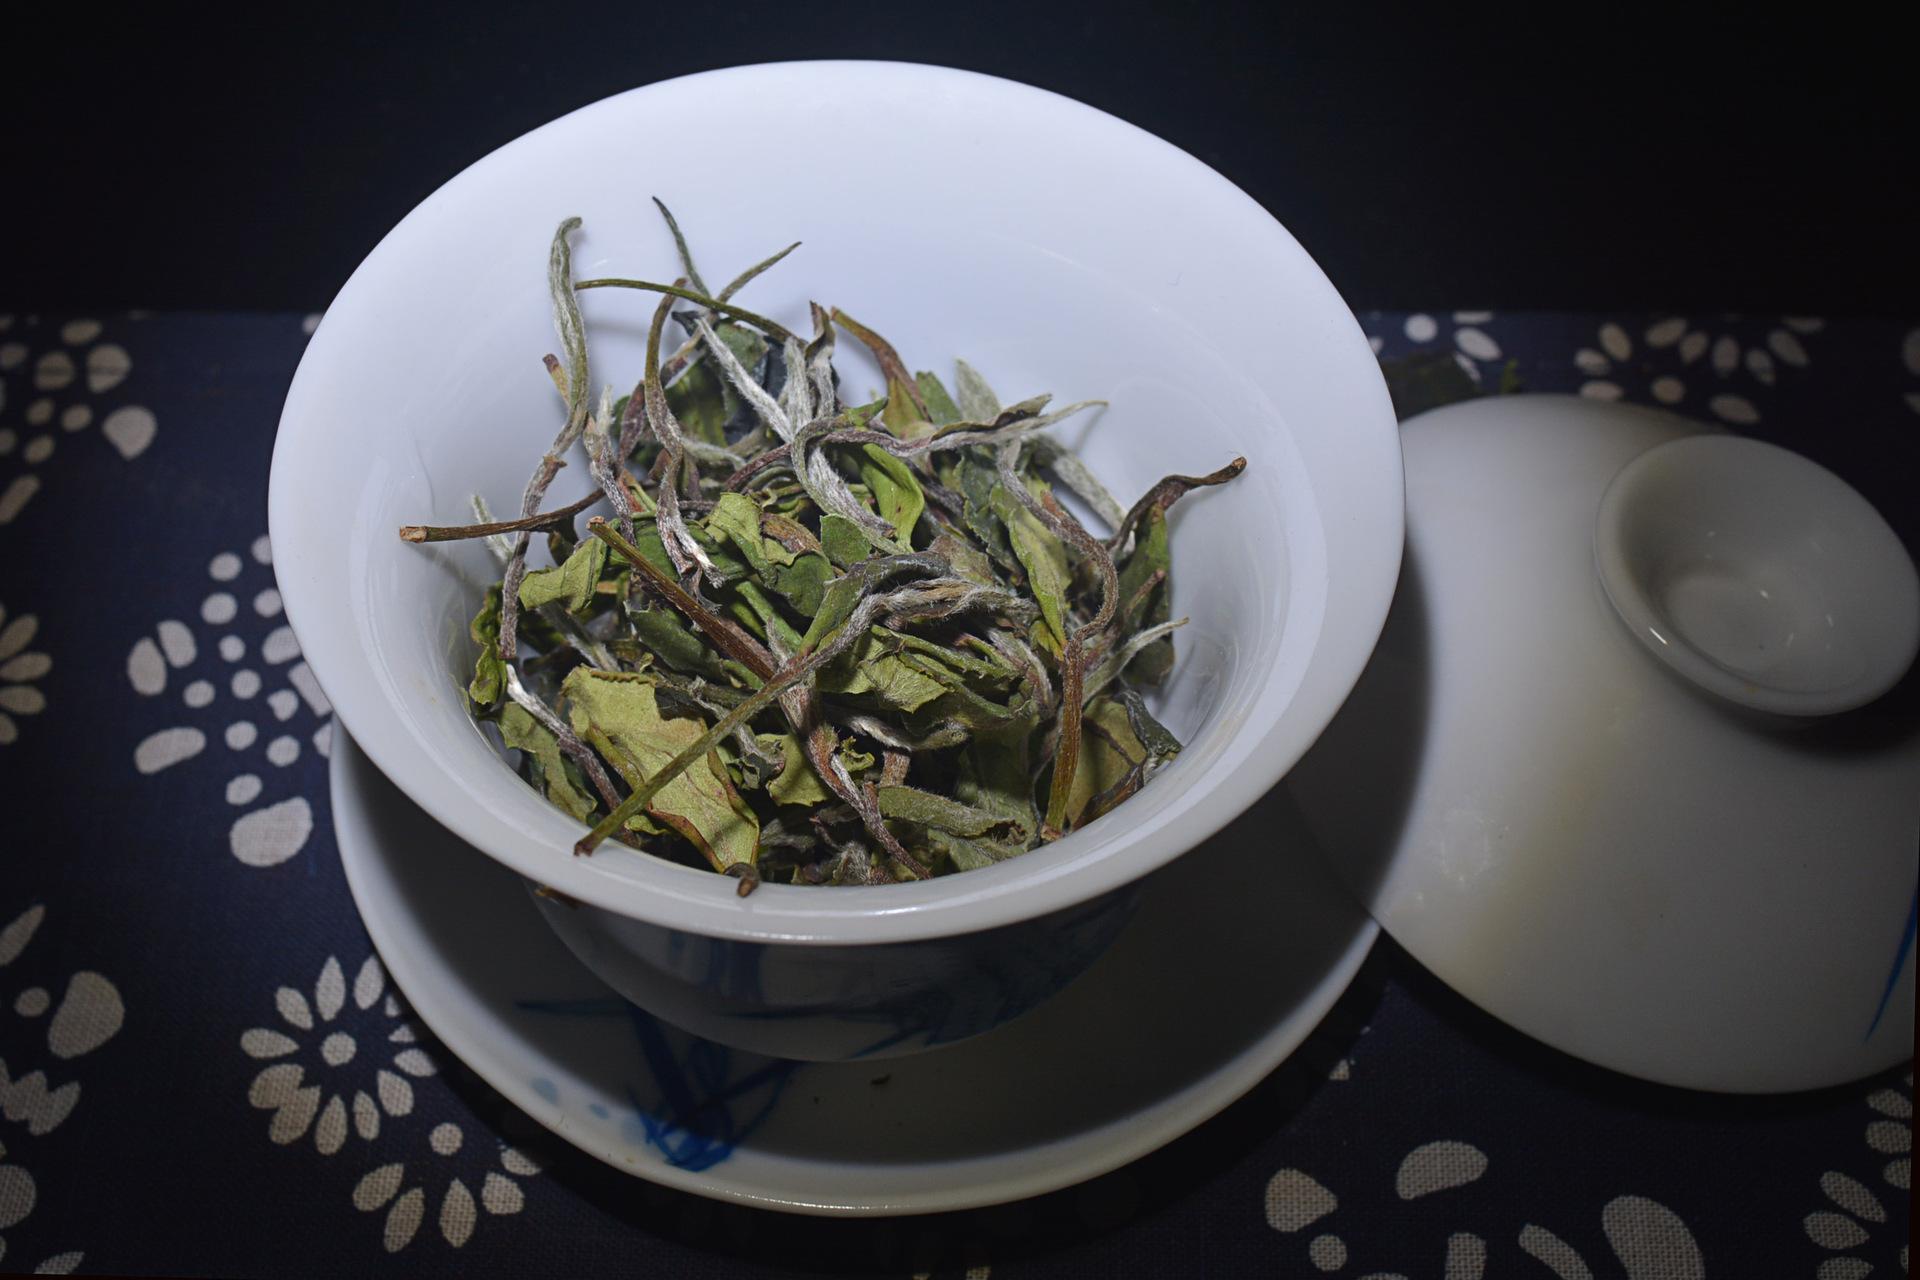 白牡丹散茶和茶饼,其区别究竟在哪里?